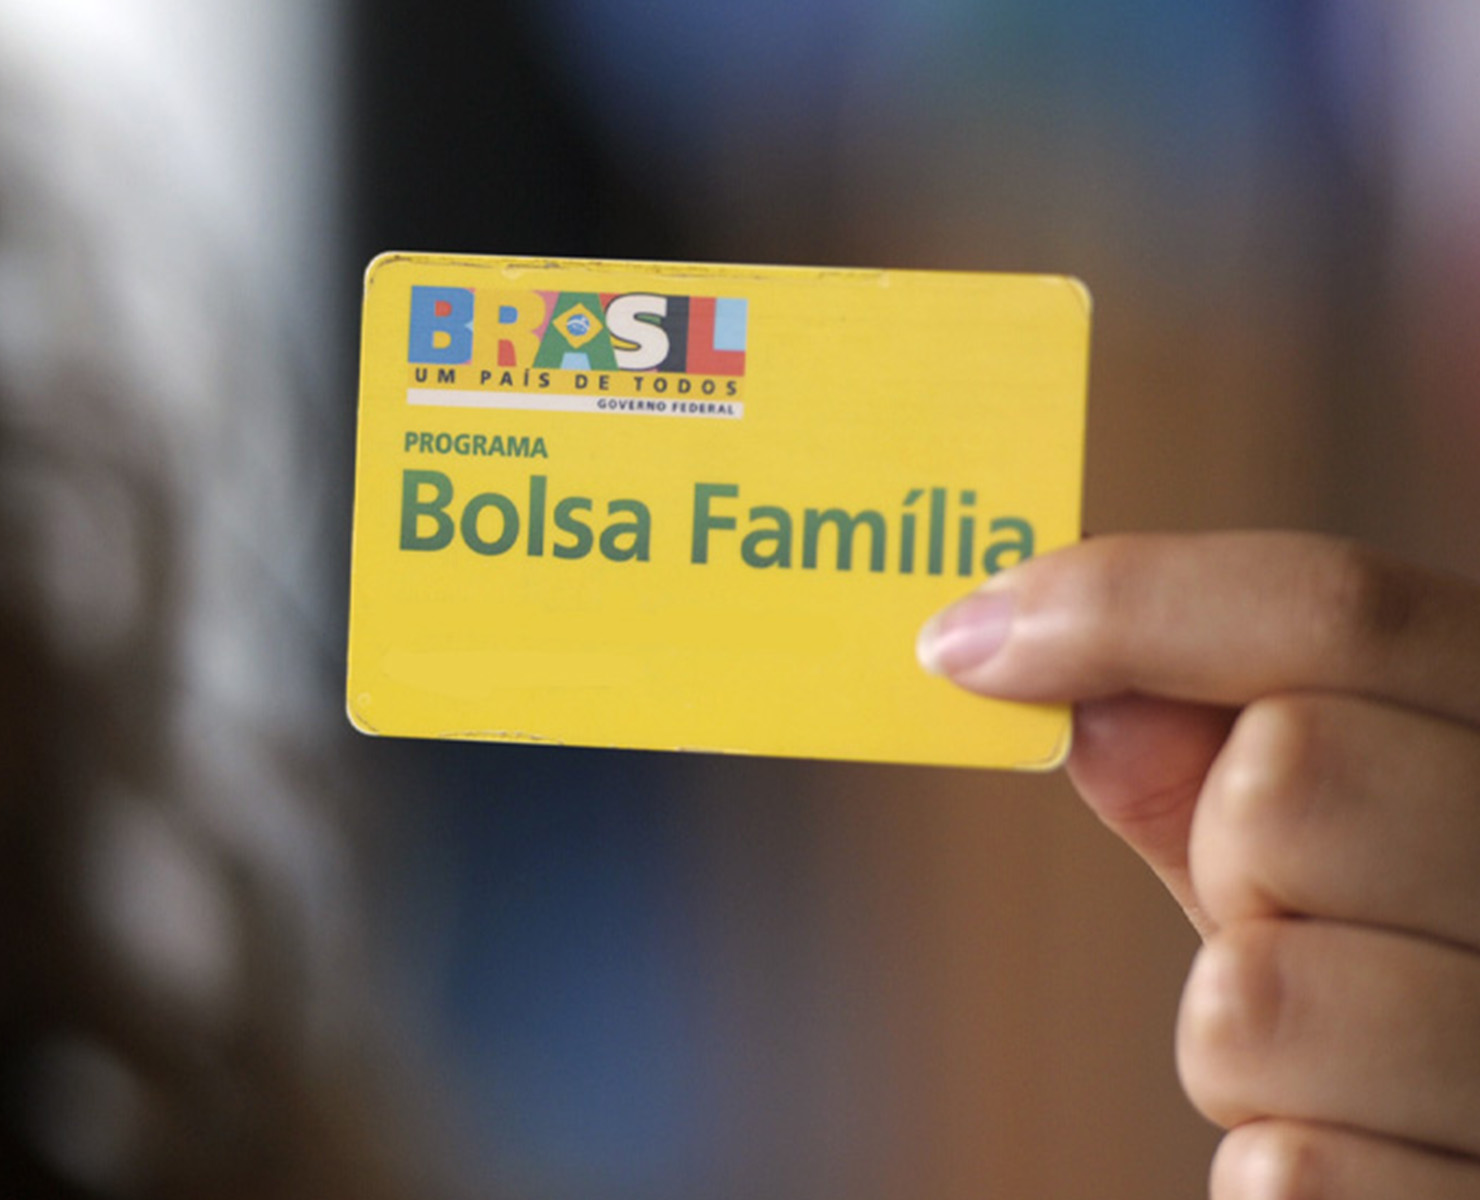 BOLSA FAMÍLIA: BENEFÍCIO IGNORA 3,7 MILHÕES DE FAMÍLIAS QUE VIVEM NA POBREZA